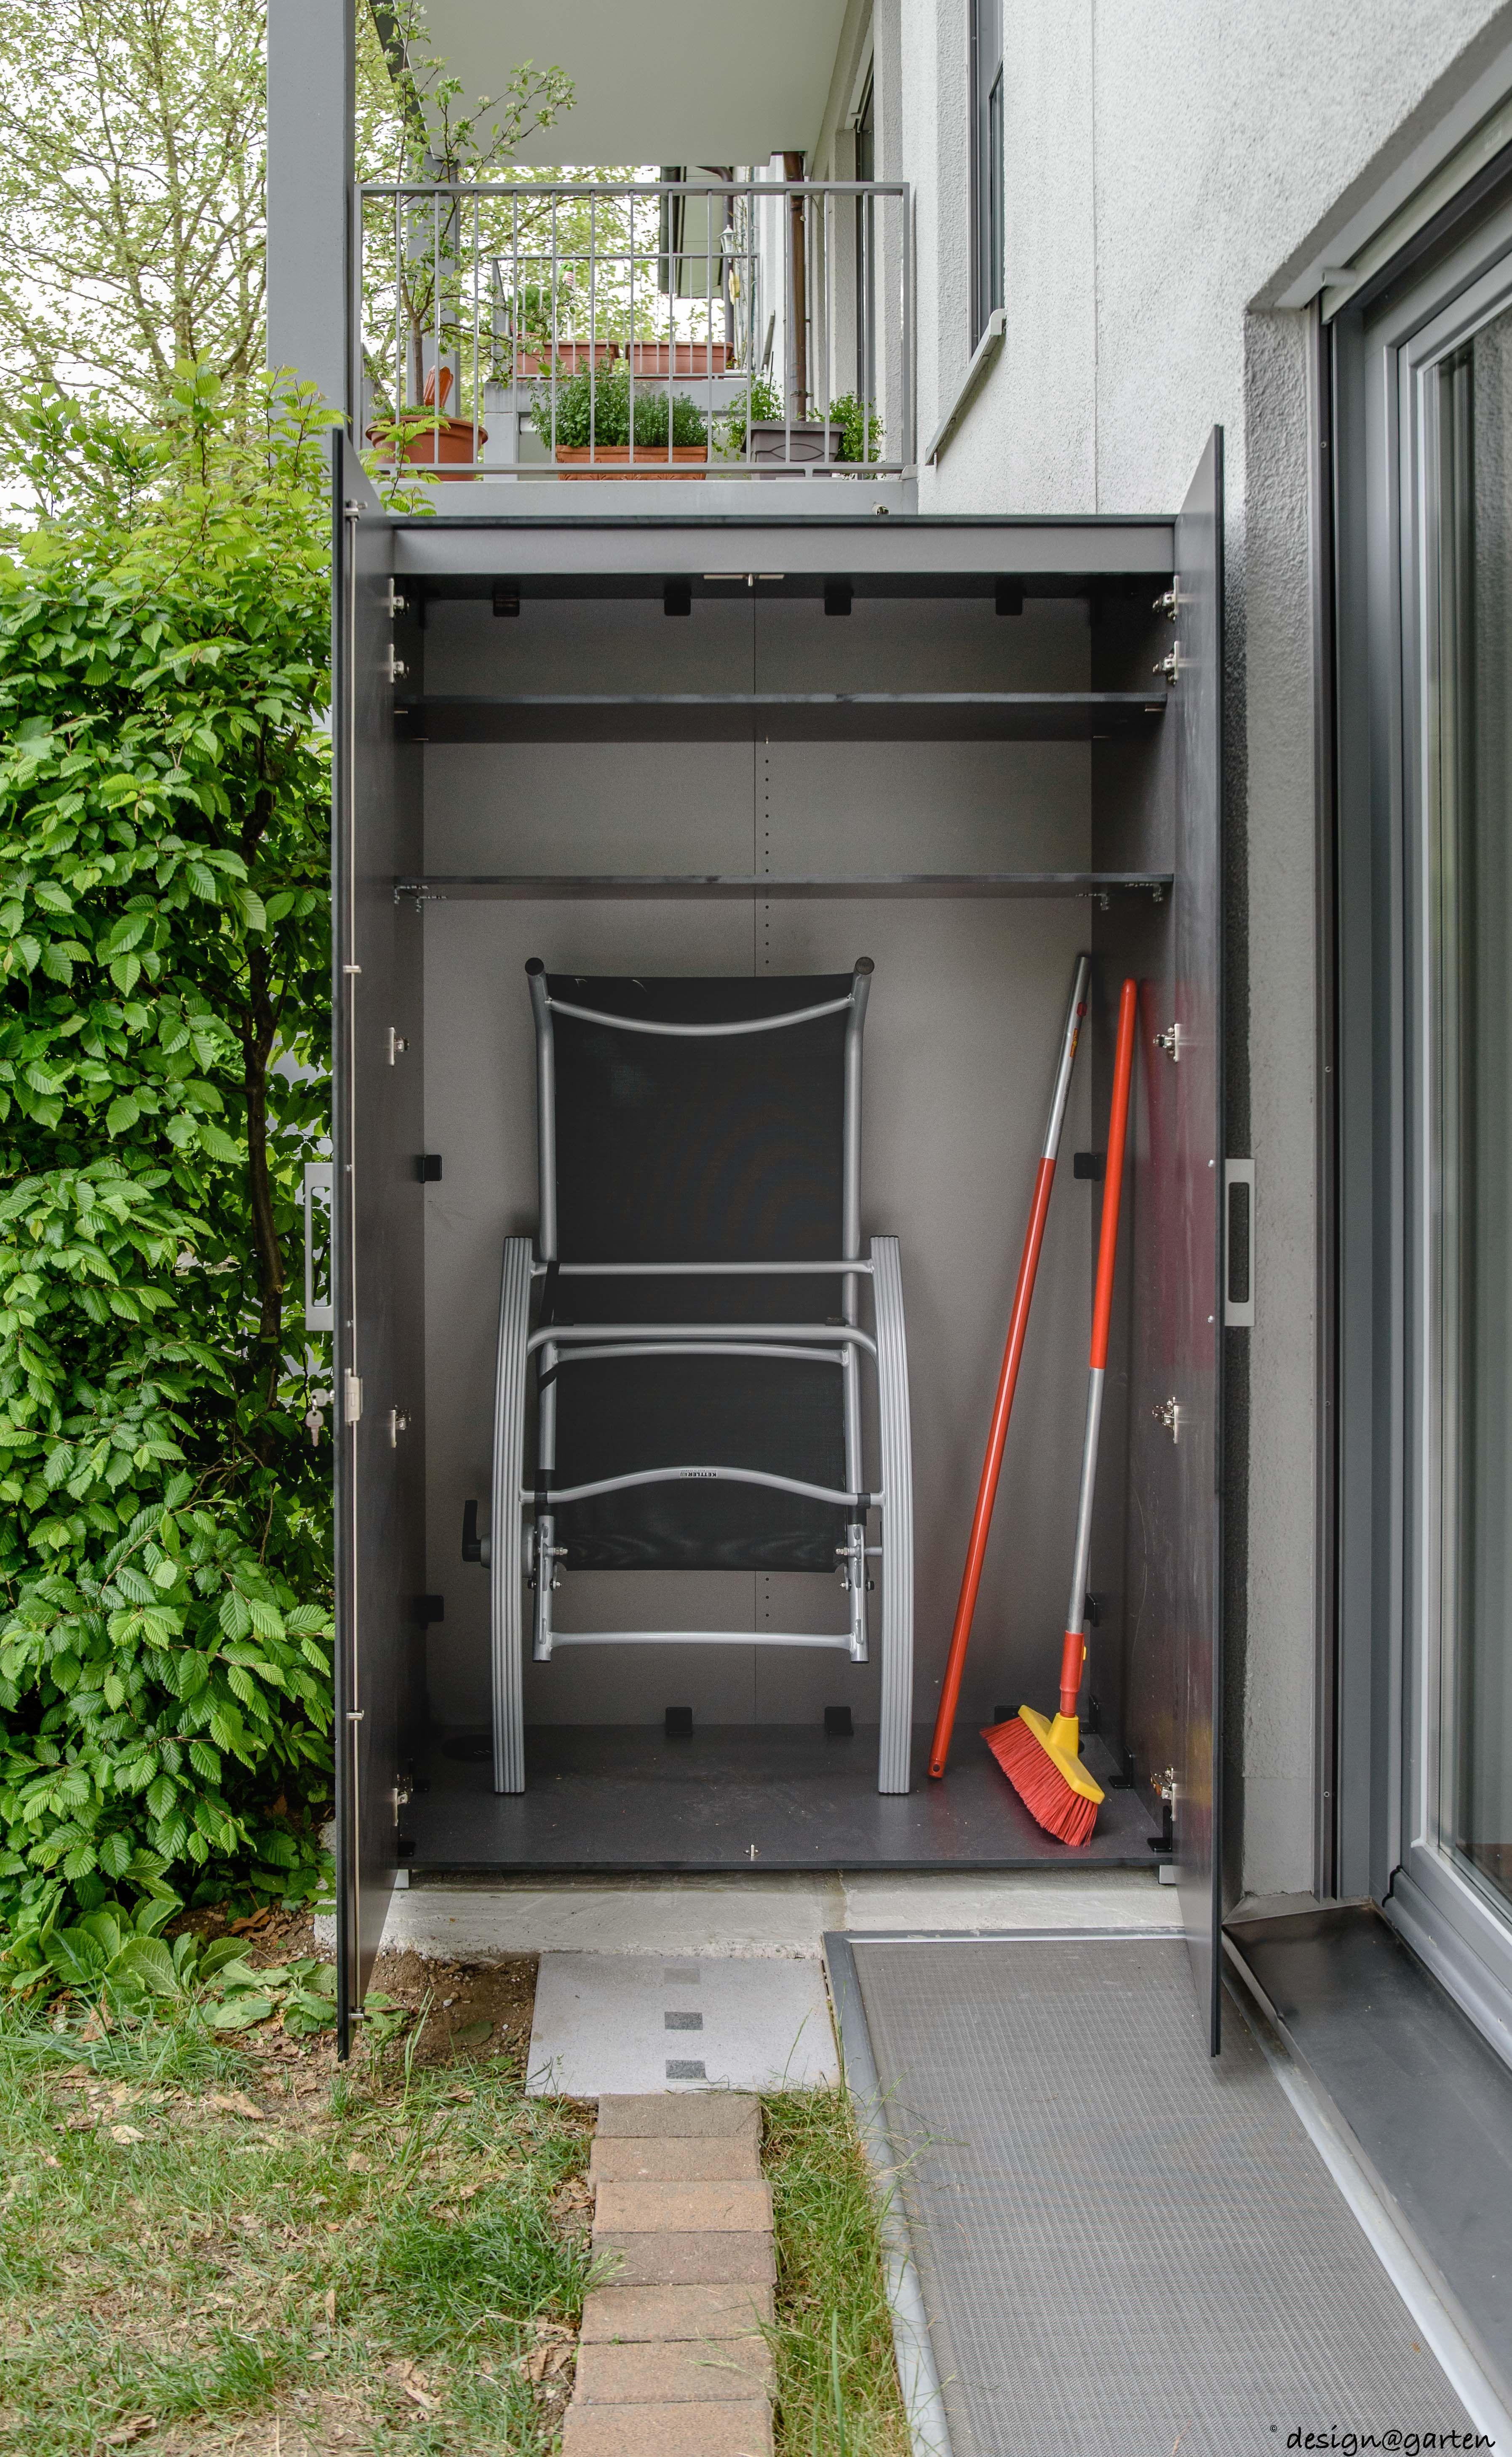 Balkonschrank Terrassenschrank Hochschrank Win In Munchen By Design Garten Augsburg Farbe Graualuminium Metal Gartenschrank Balkonschrank Hochschrank